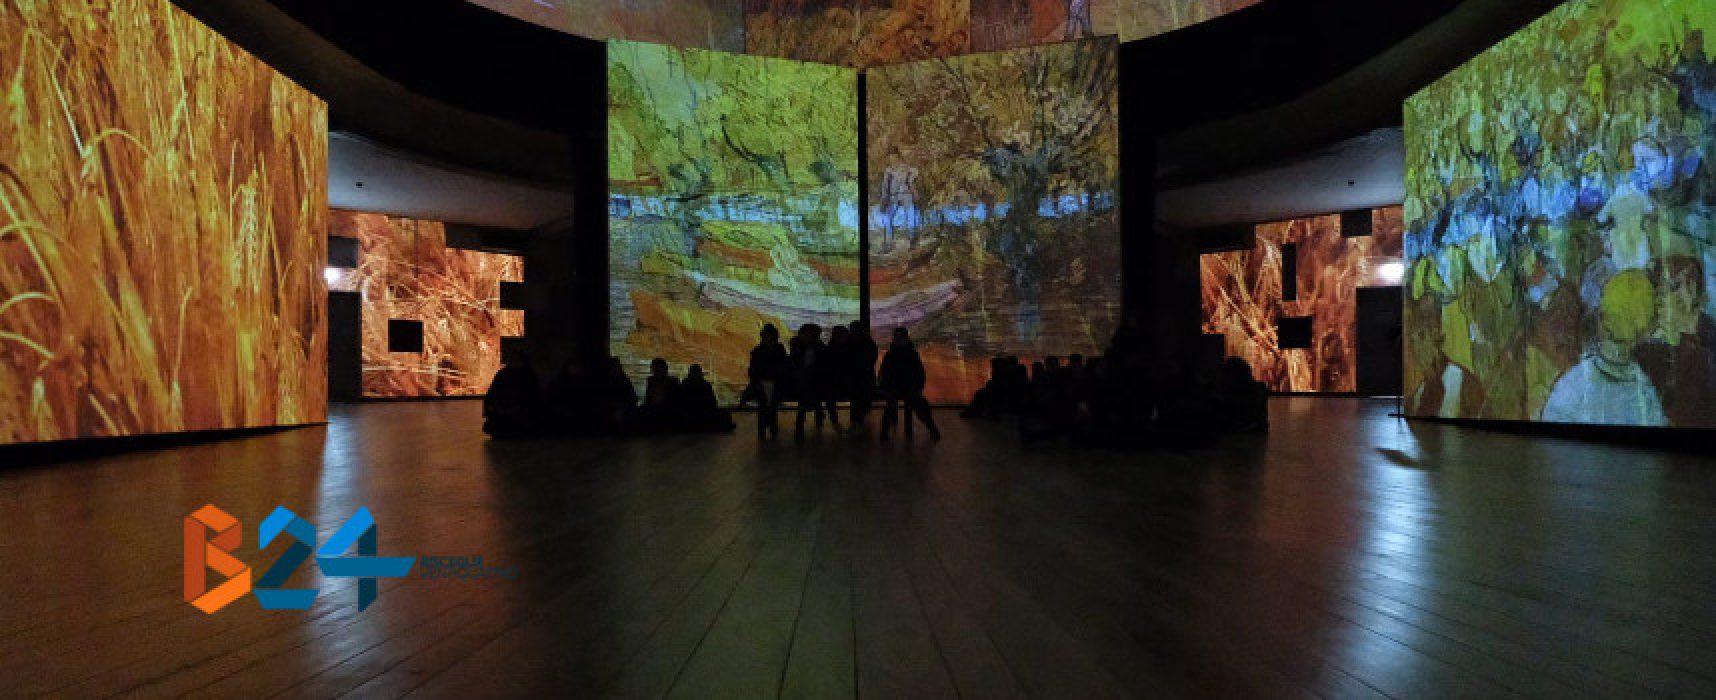 """La scuola primaria San Giovanni Bosco alla """"Van Gogh alive – The Experience"""" di Bari"""